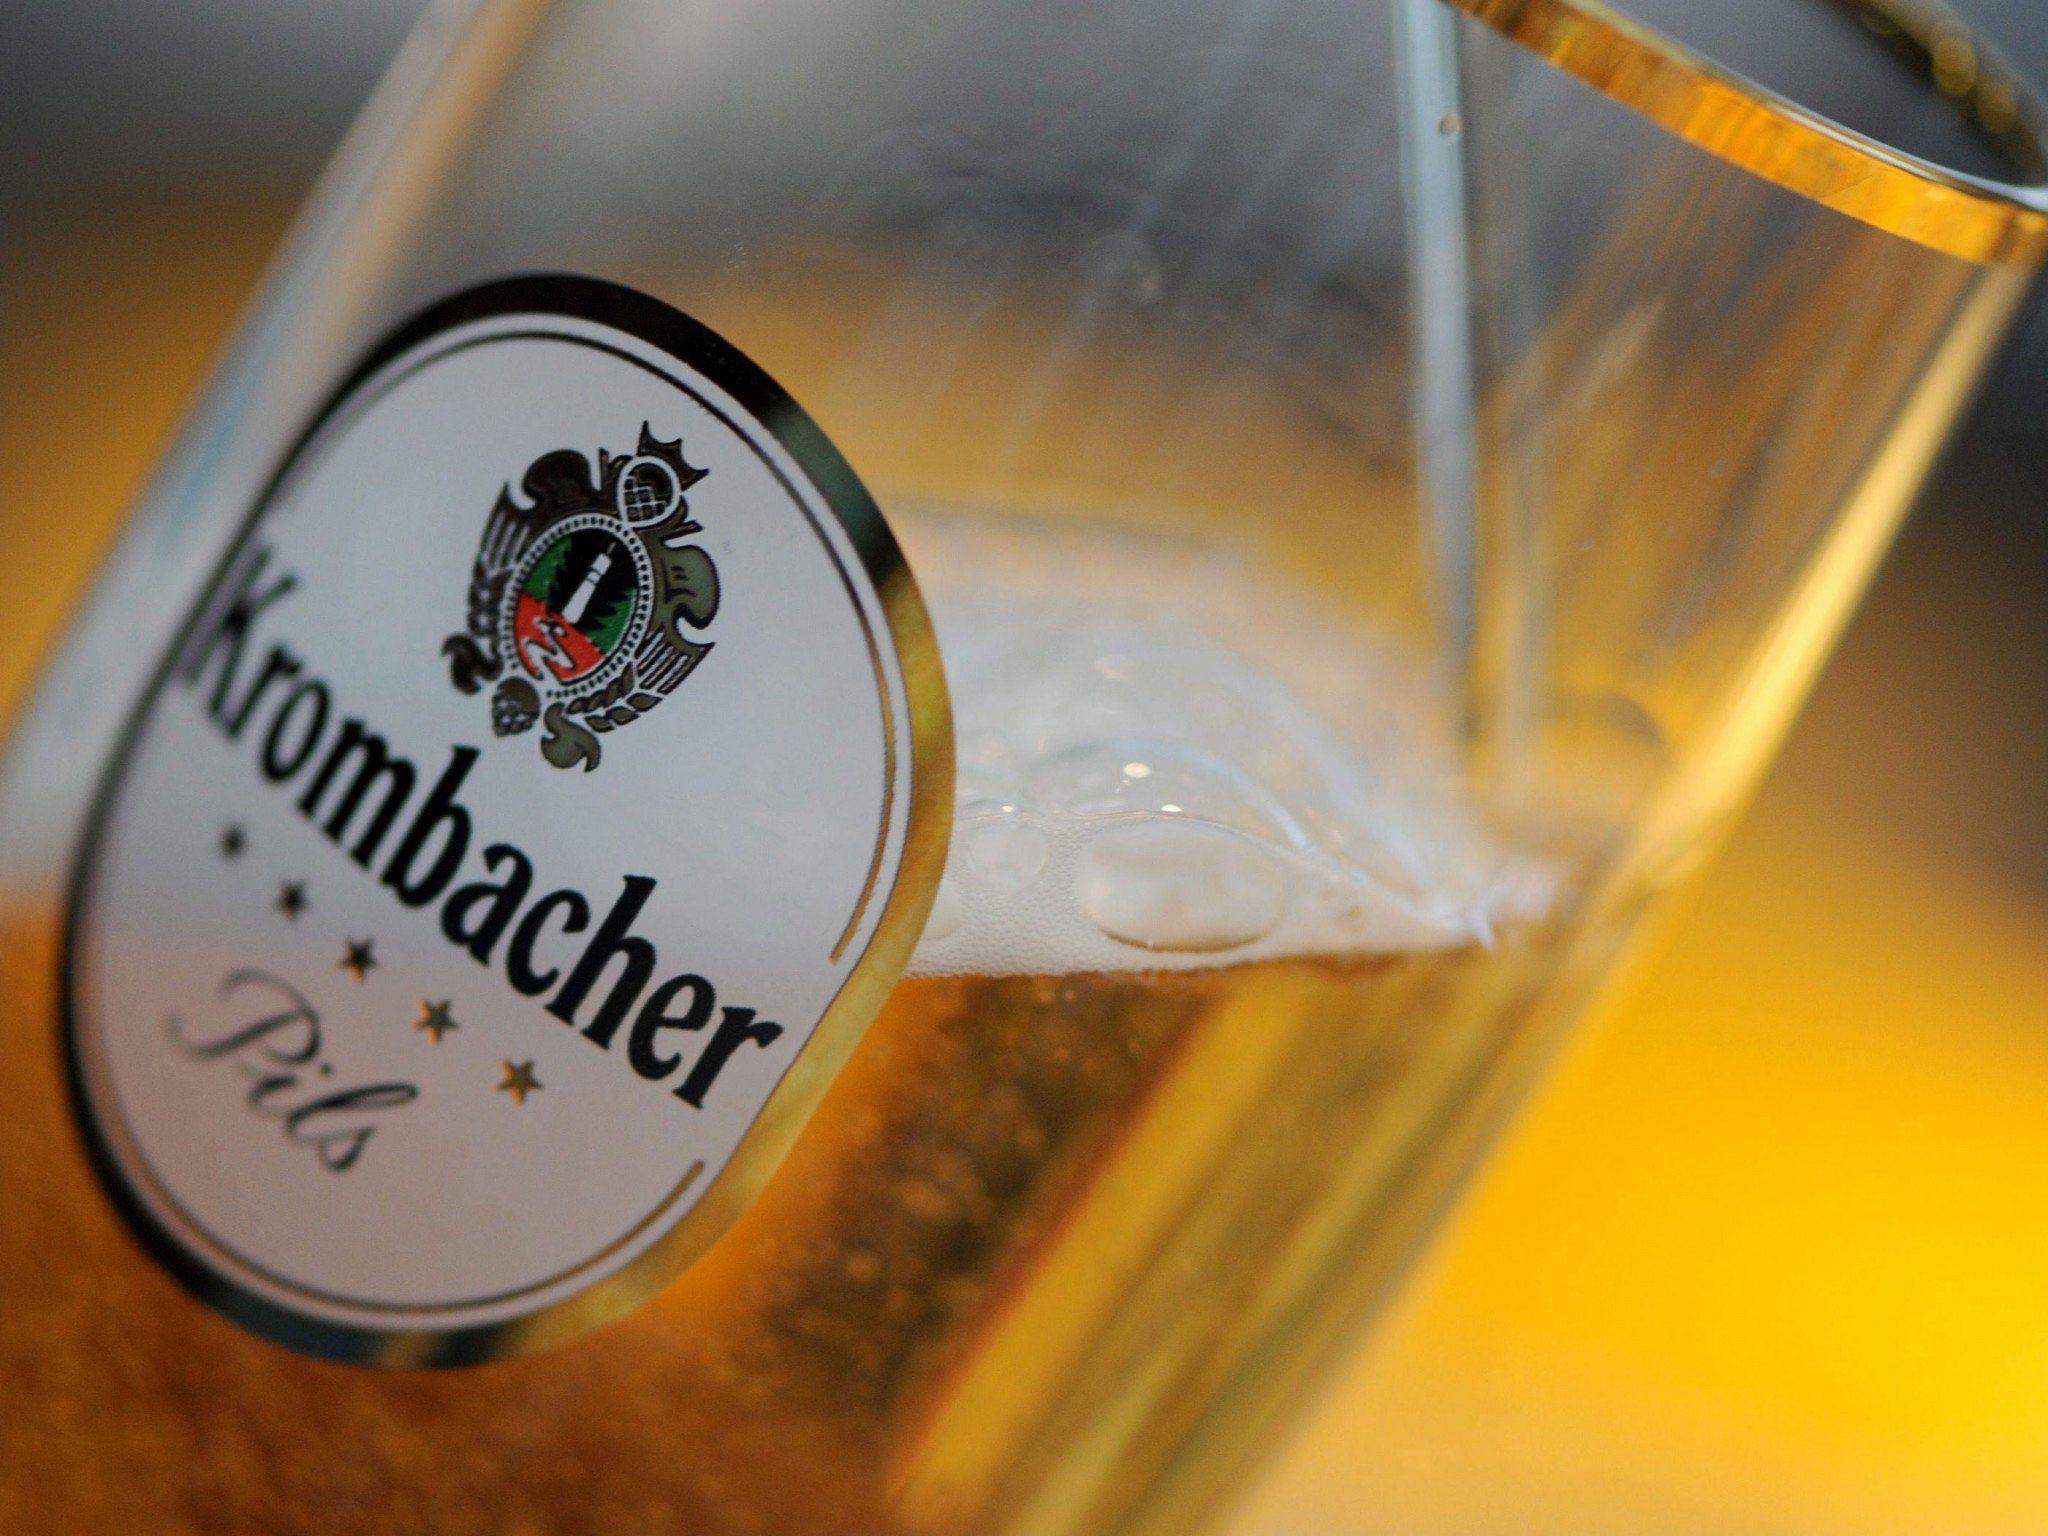 24 Premium-Biermarken sind von den Vorwürfen betroffen.